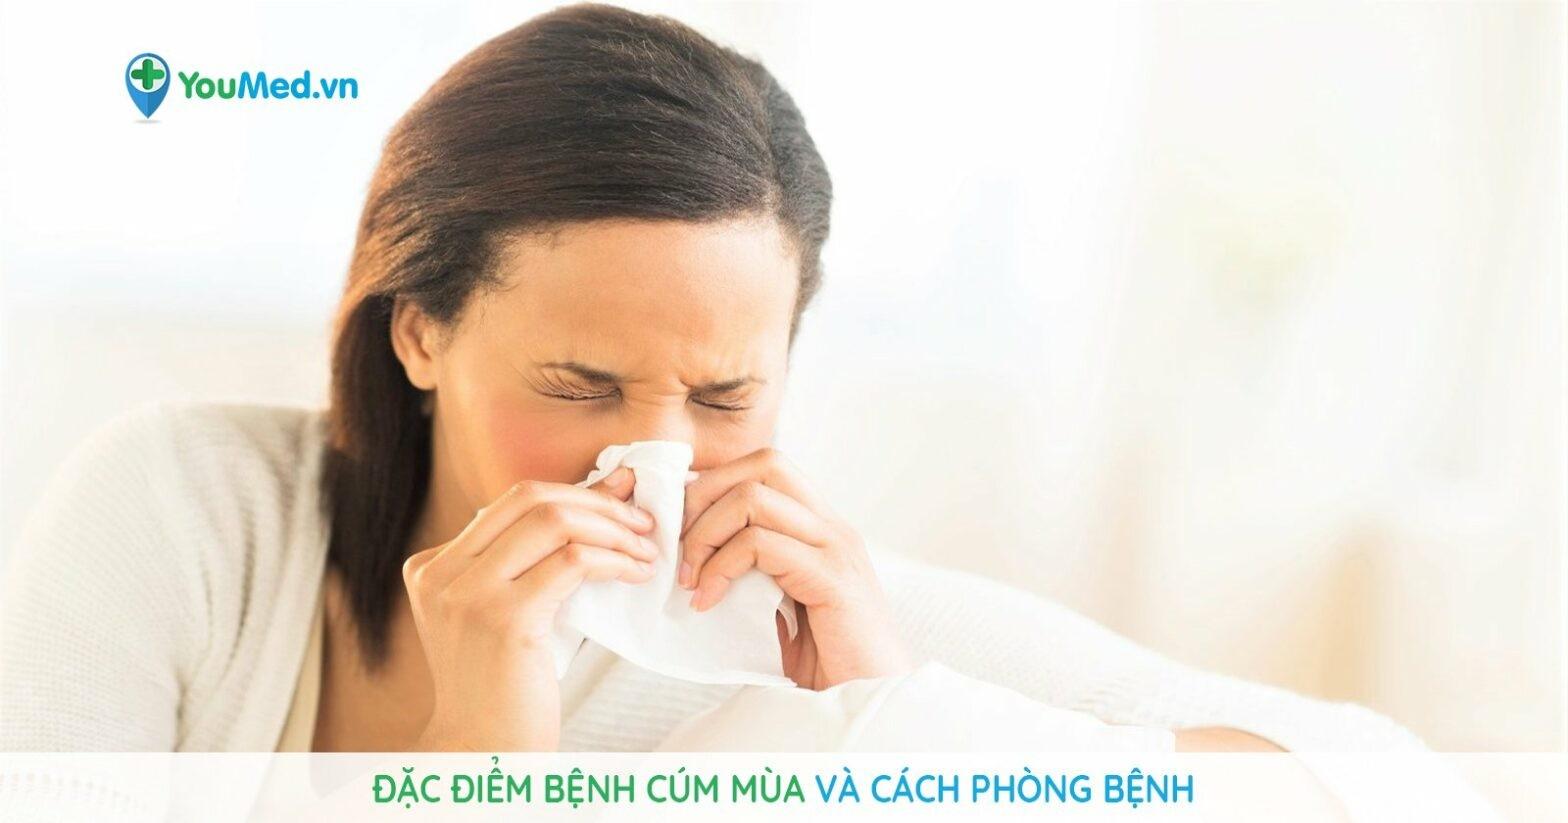 Bệnh cúm mùa : Cách phòng bệnh. Lời khuyên của bác sĩ